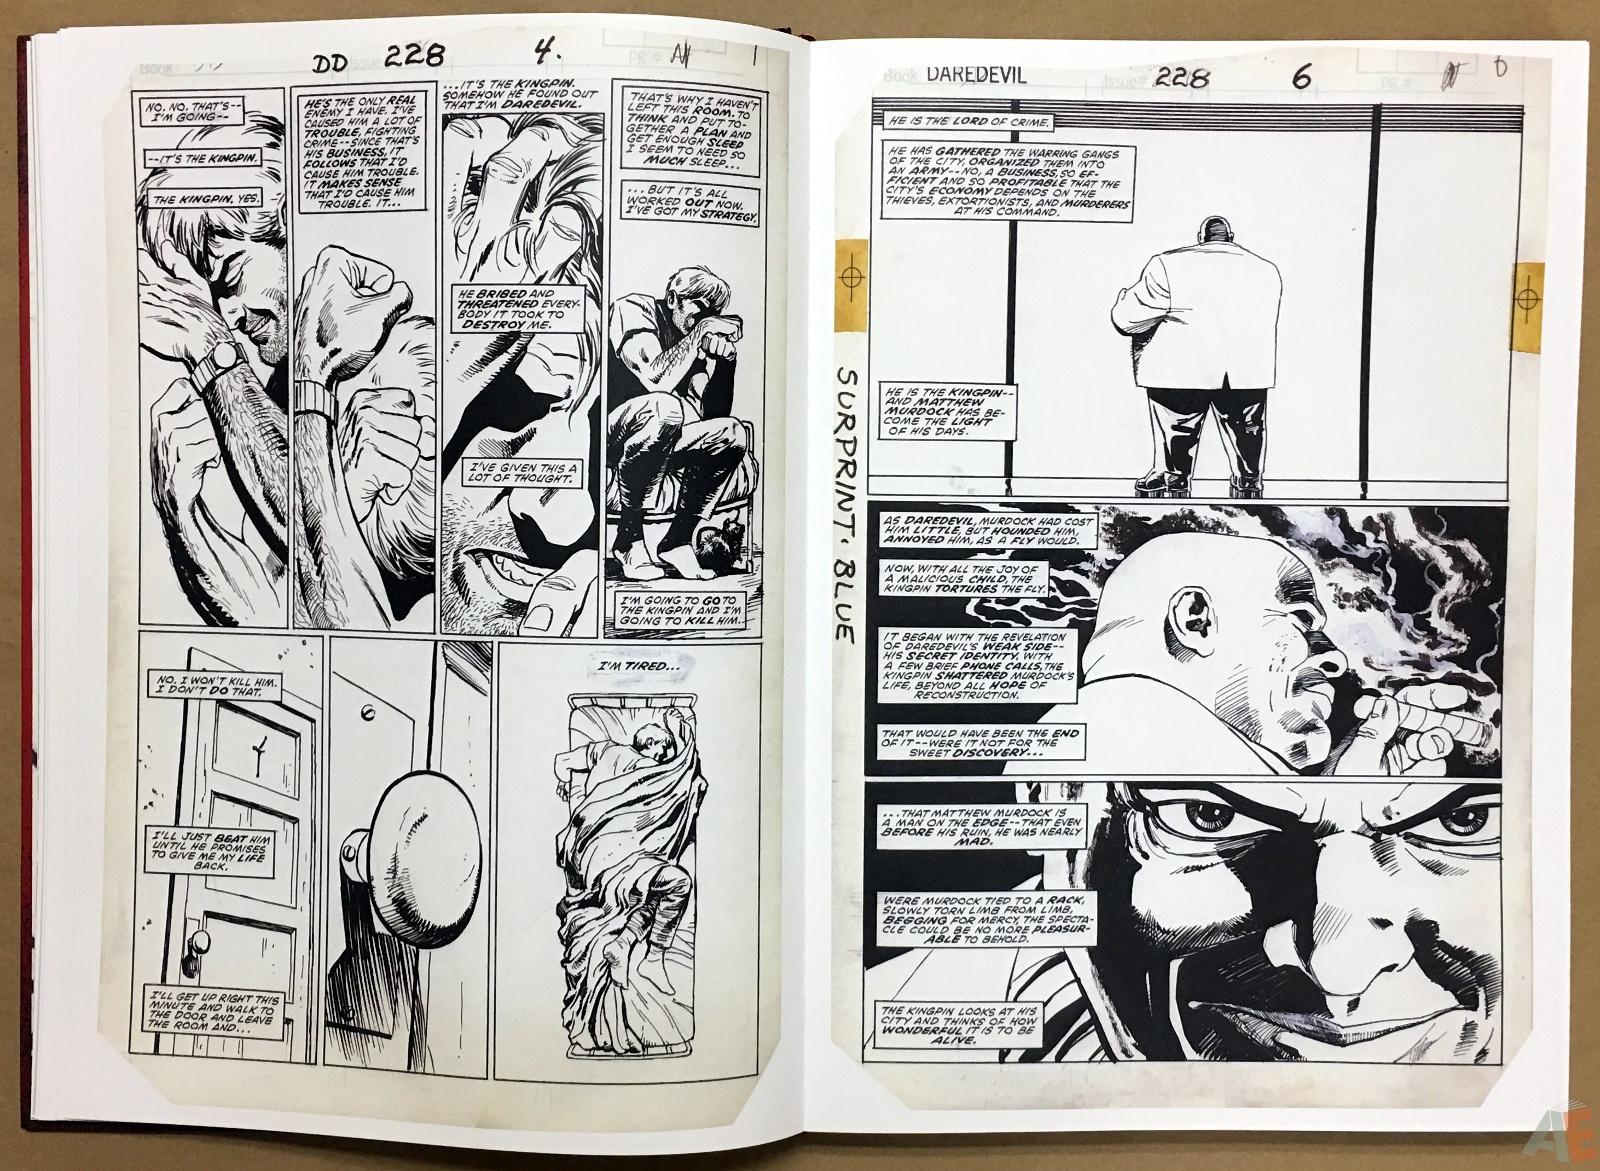 David Mazzucchelli's Daredevil Born Again: Artist's Edition 14